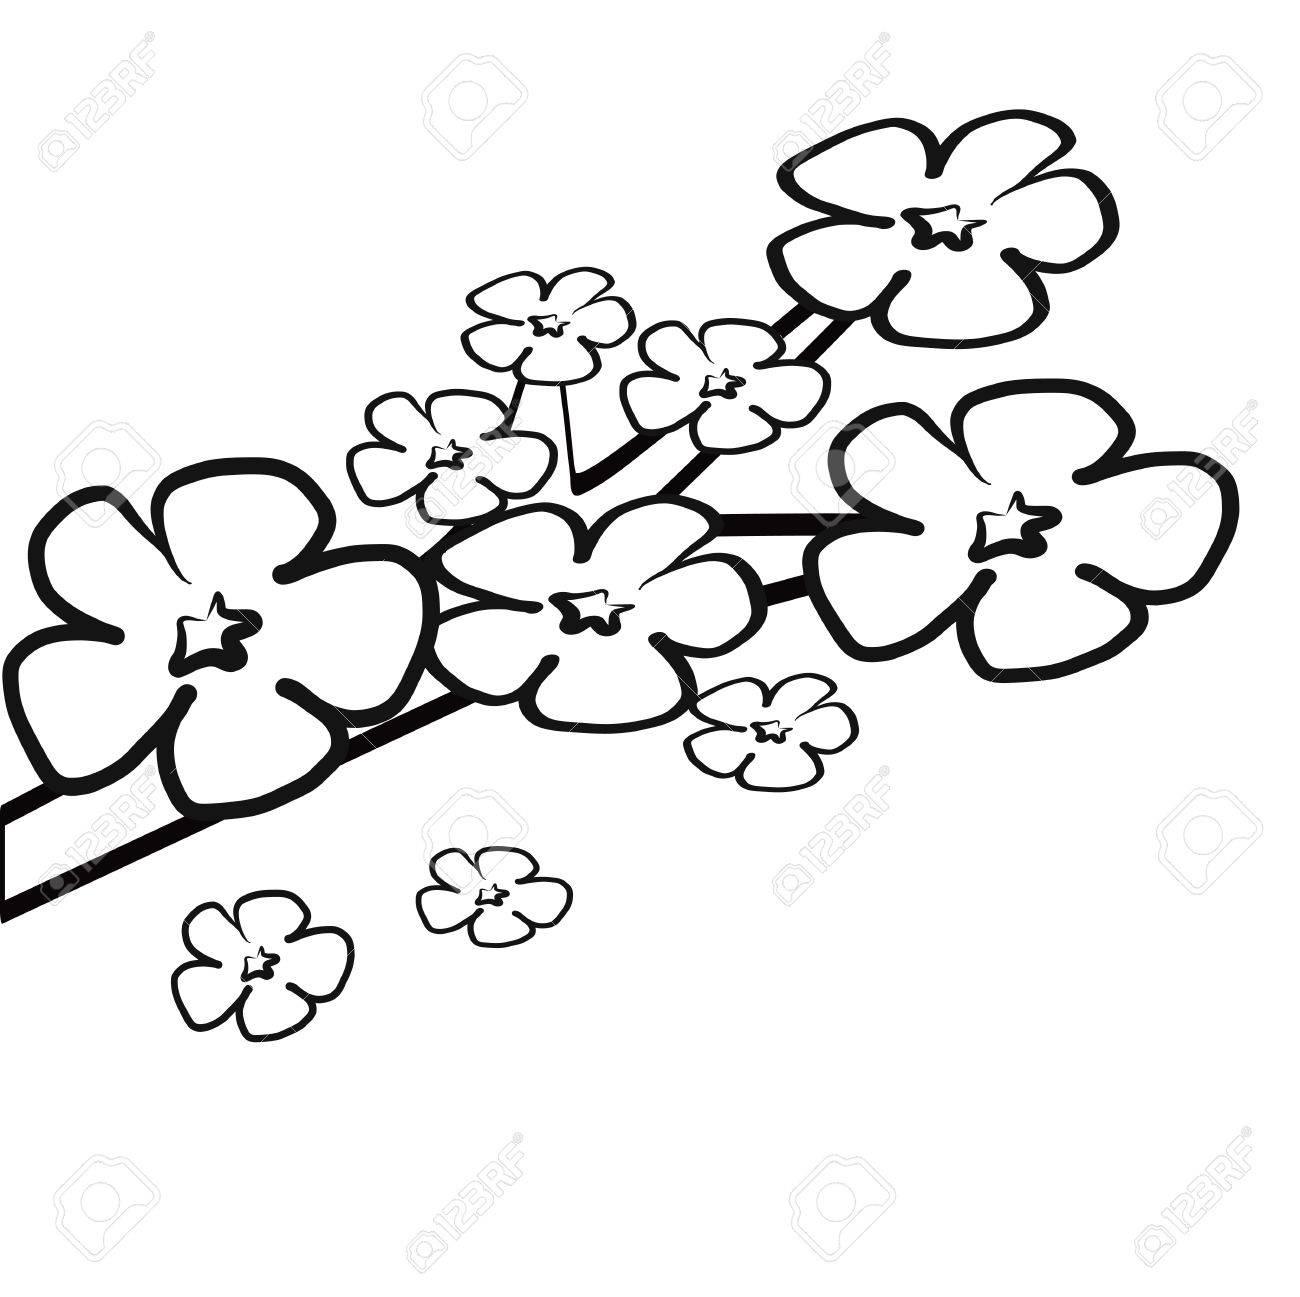 Incolore fleur de fleur de cerisier sur la branche livre de coloriage illustration vecteur isolé sur